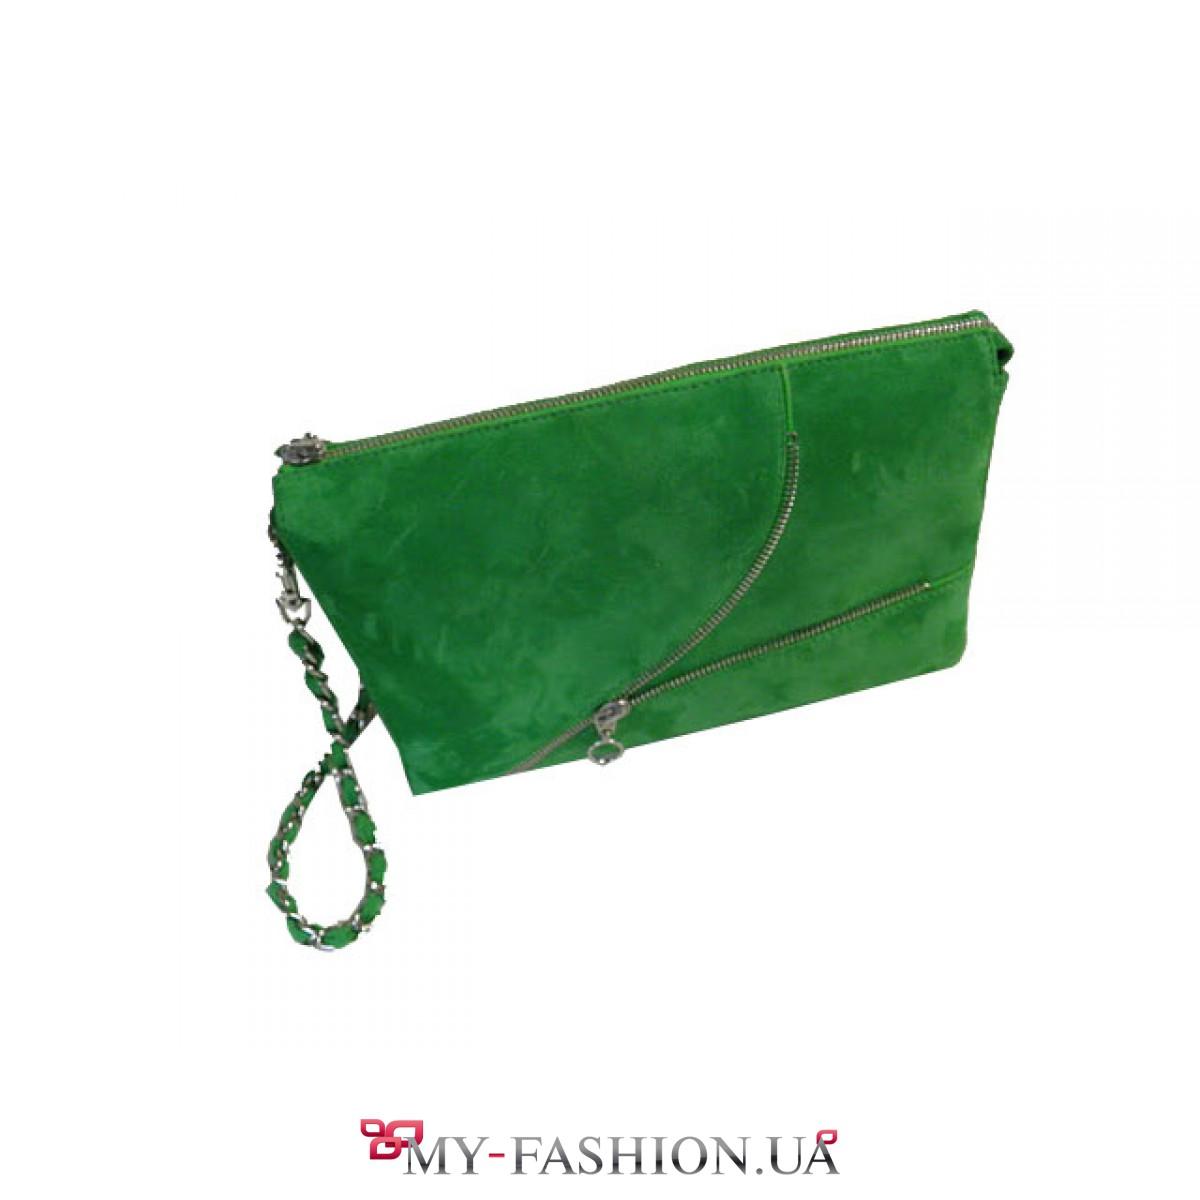 d349afe5fb62 Зеленая сумка из замш- велюра Gala Gurianoff купить в Киеве, gala-0132